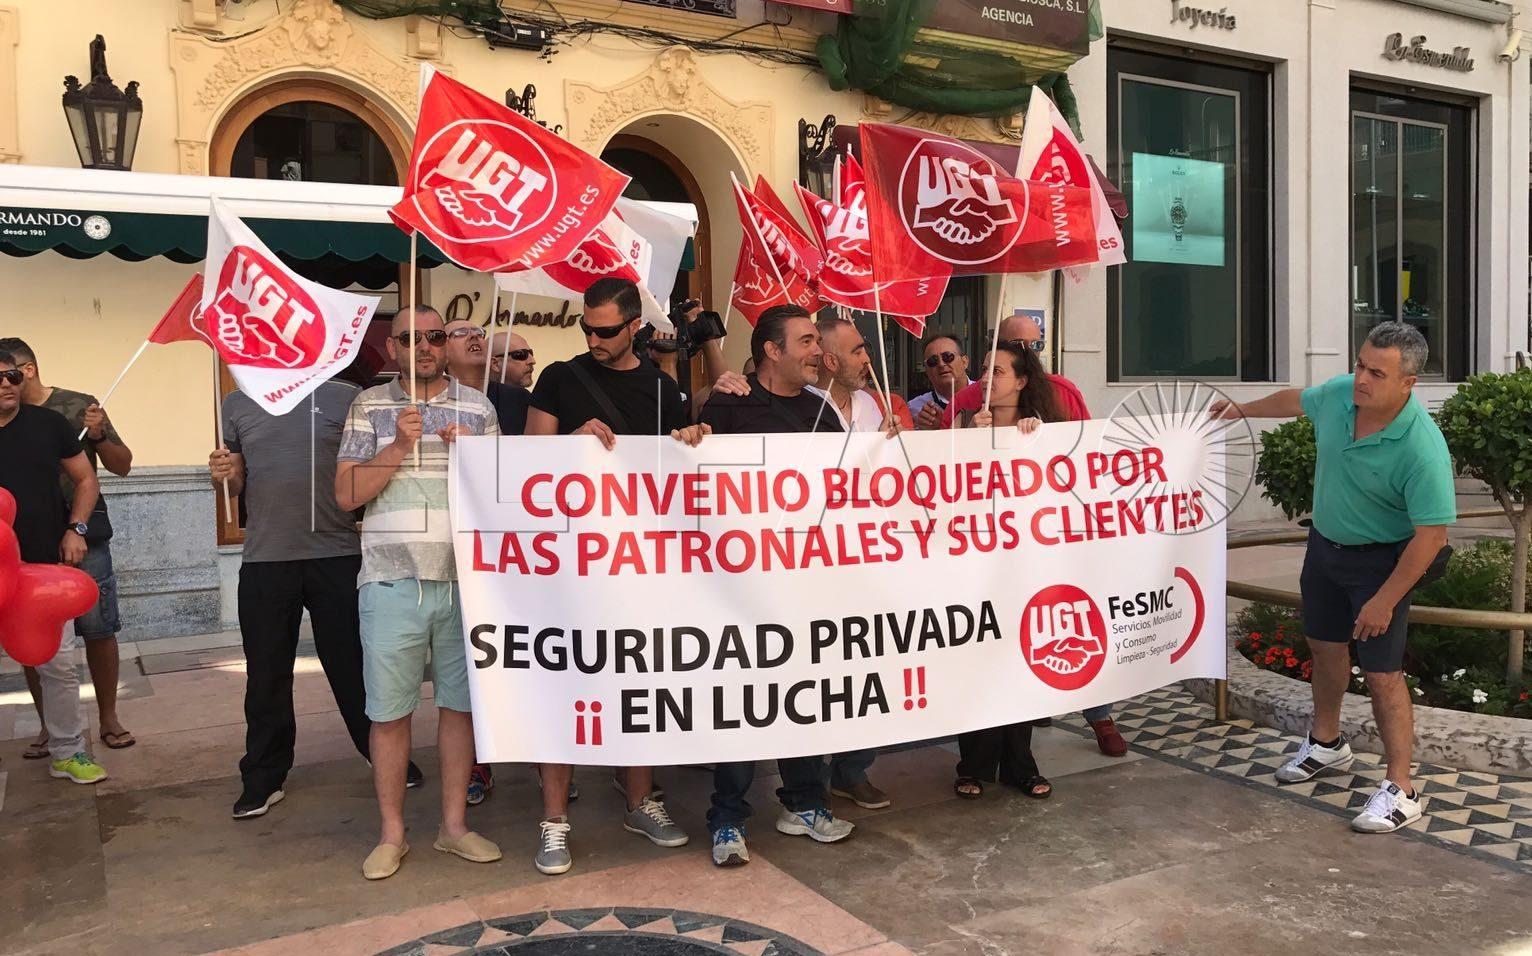 """UGT convoca una concentración en la Clínica Militar por los """"incumplimientos"""" de Marsegur"""